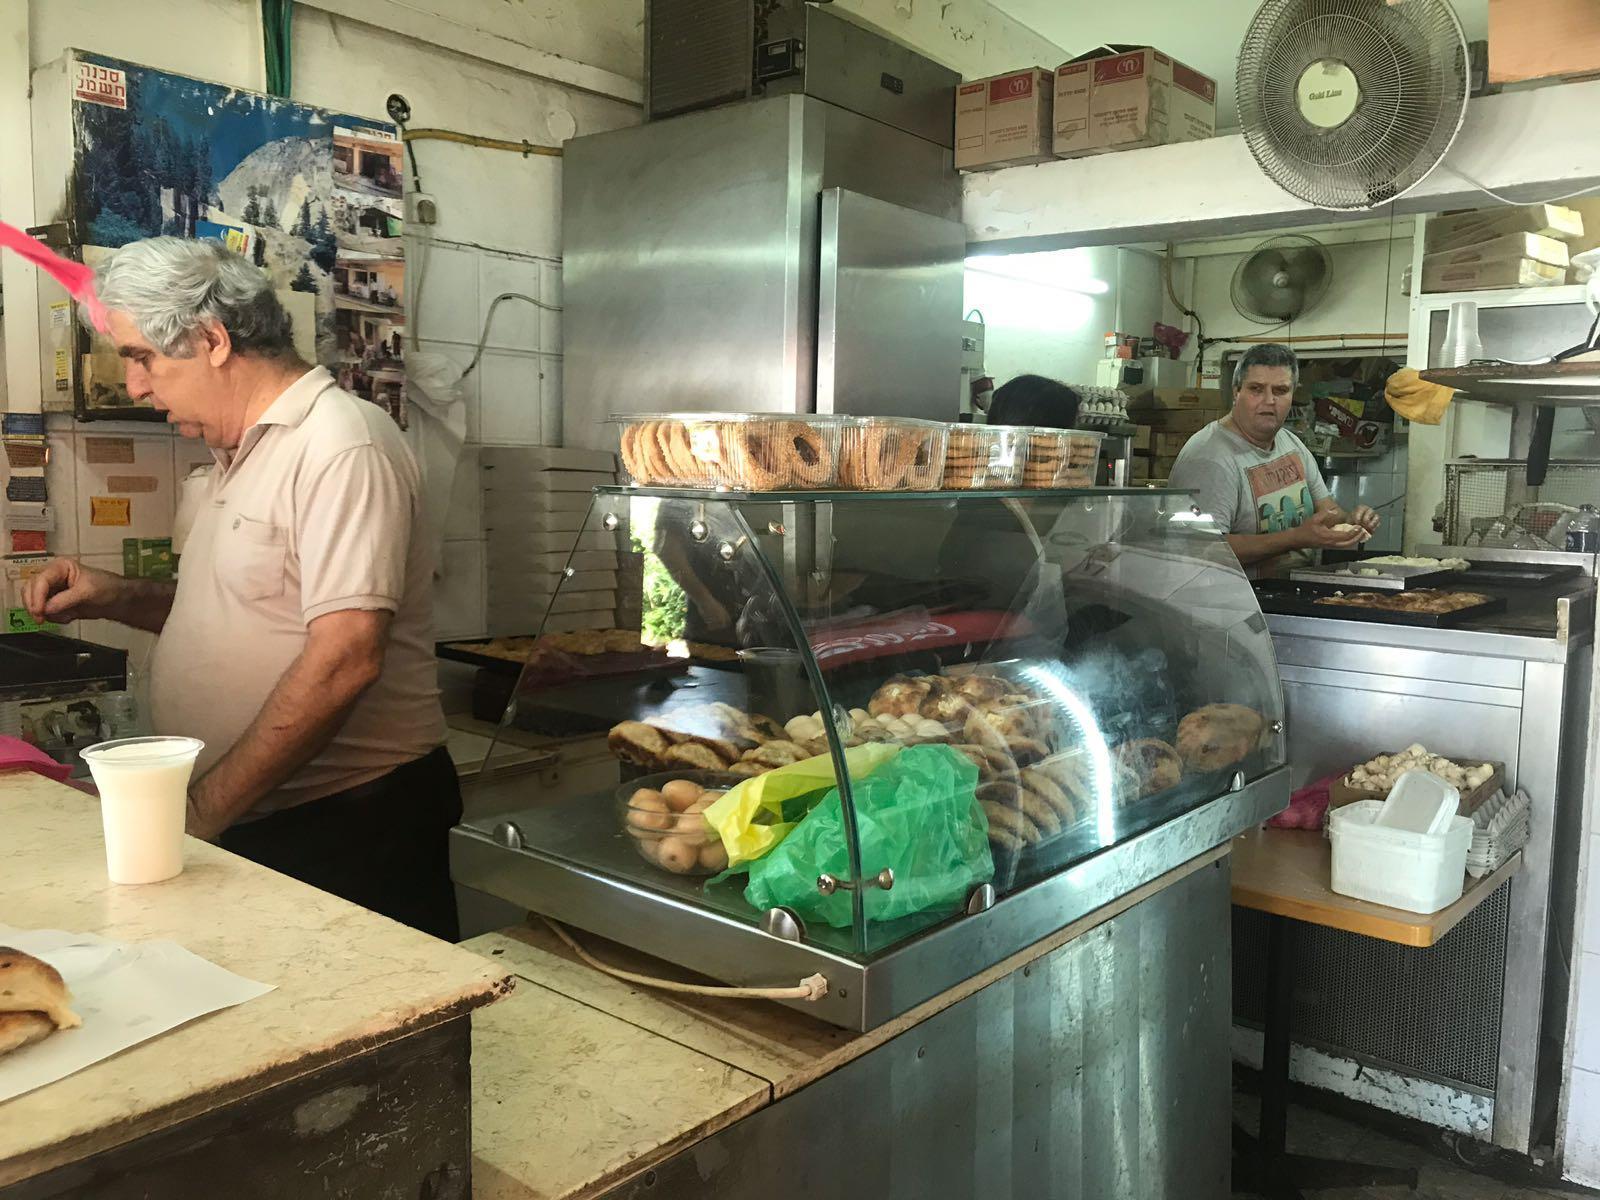 המסעדות הטובות ביותר ב יהוד - בורקס חזן